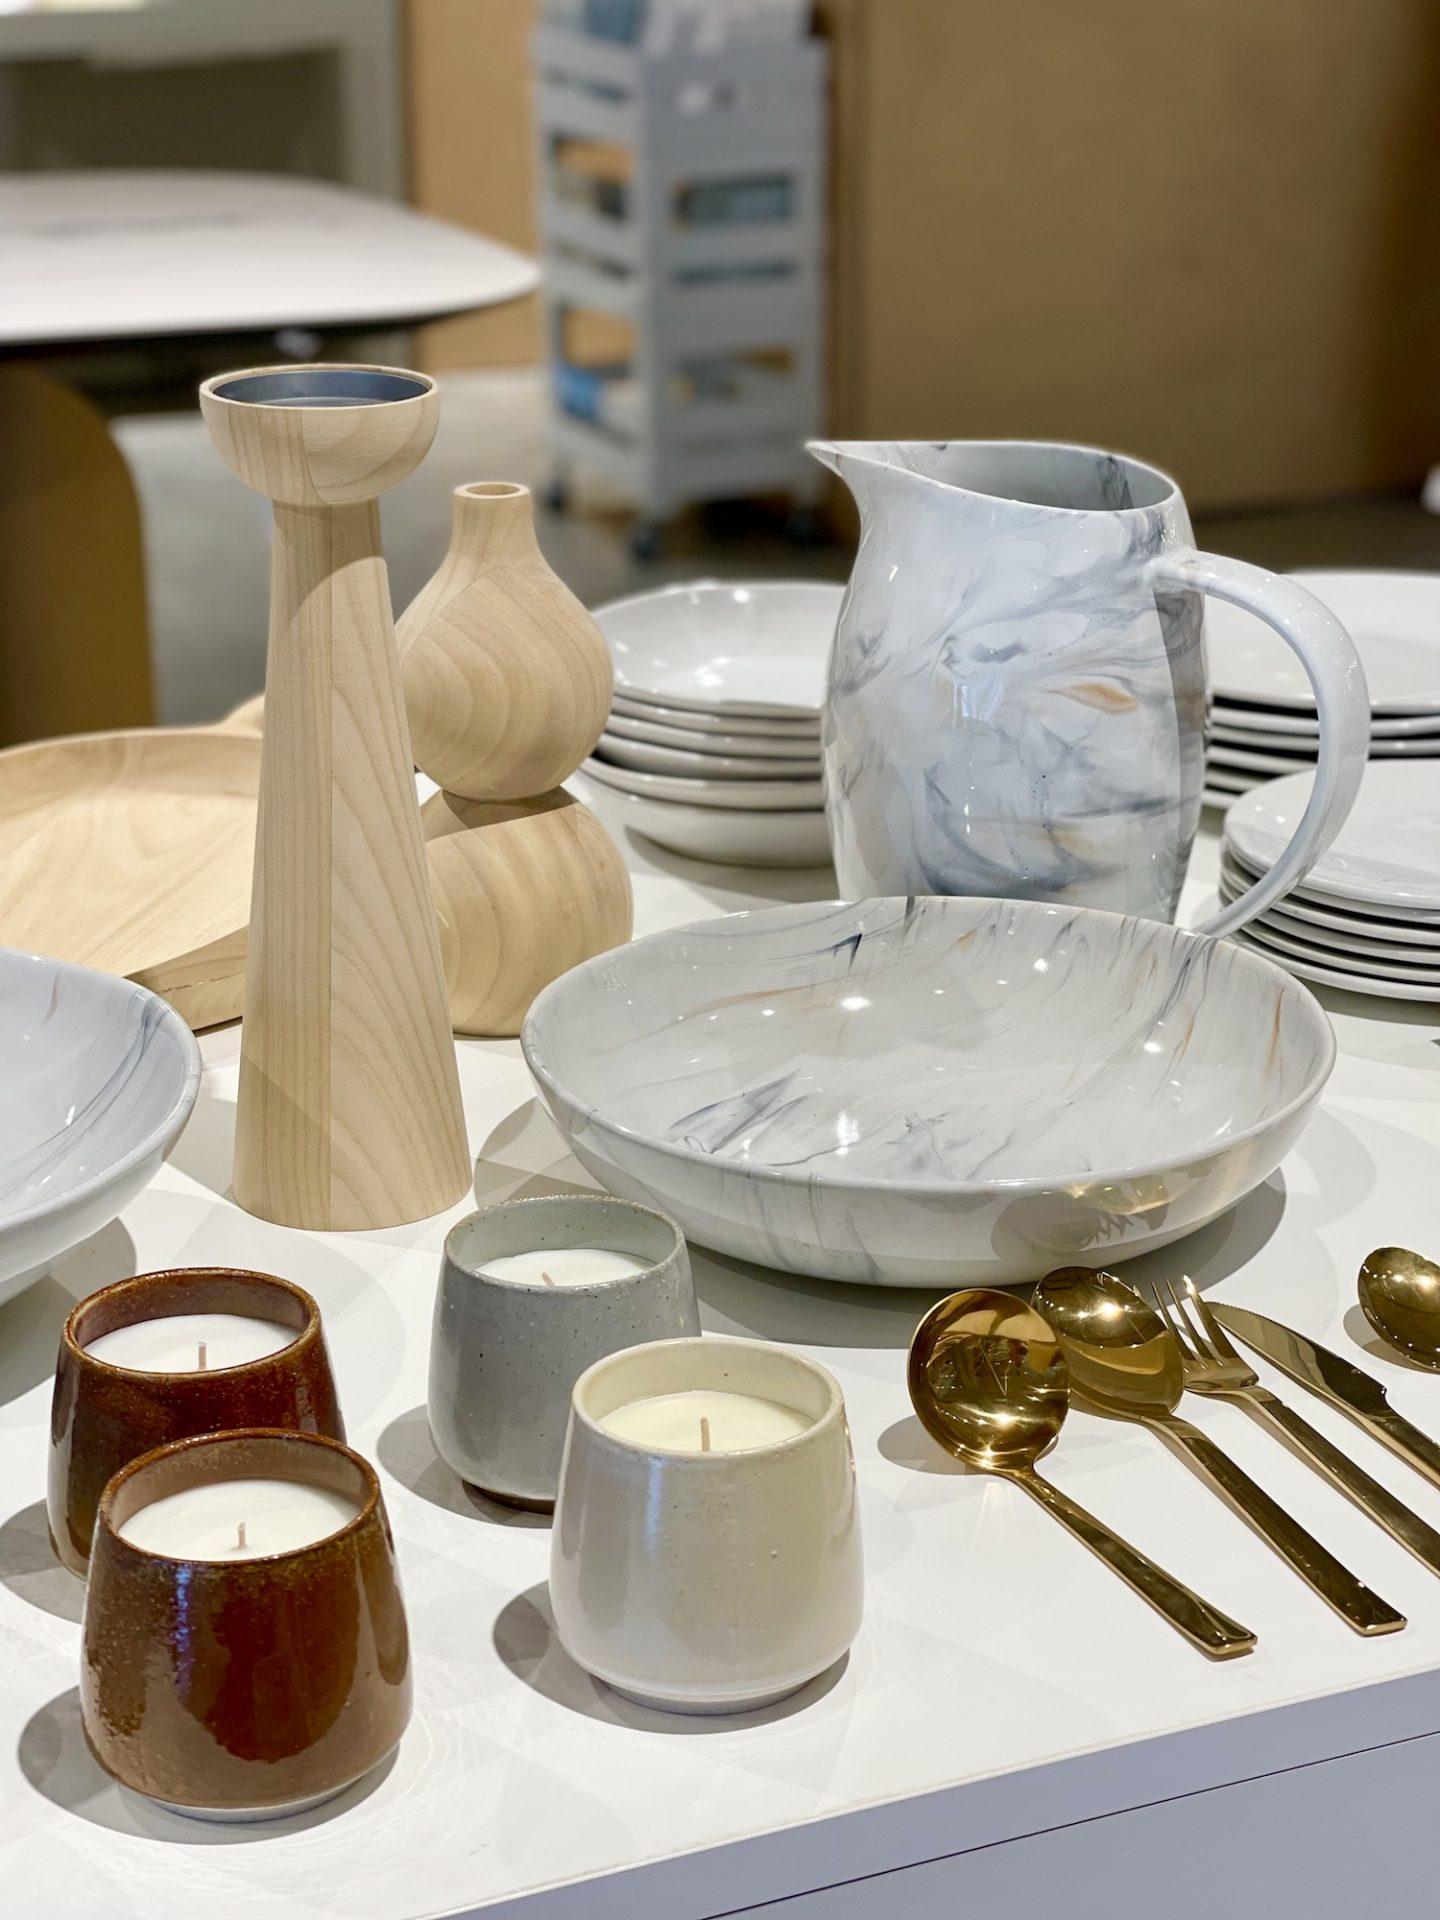 כלים ואביזרים לבית טולמנס דוט במתחם העיצוב רידיזיין redesign14